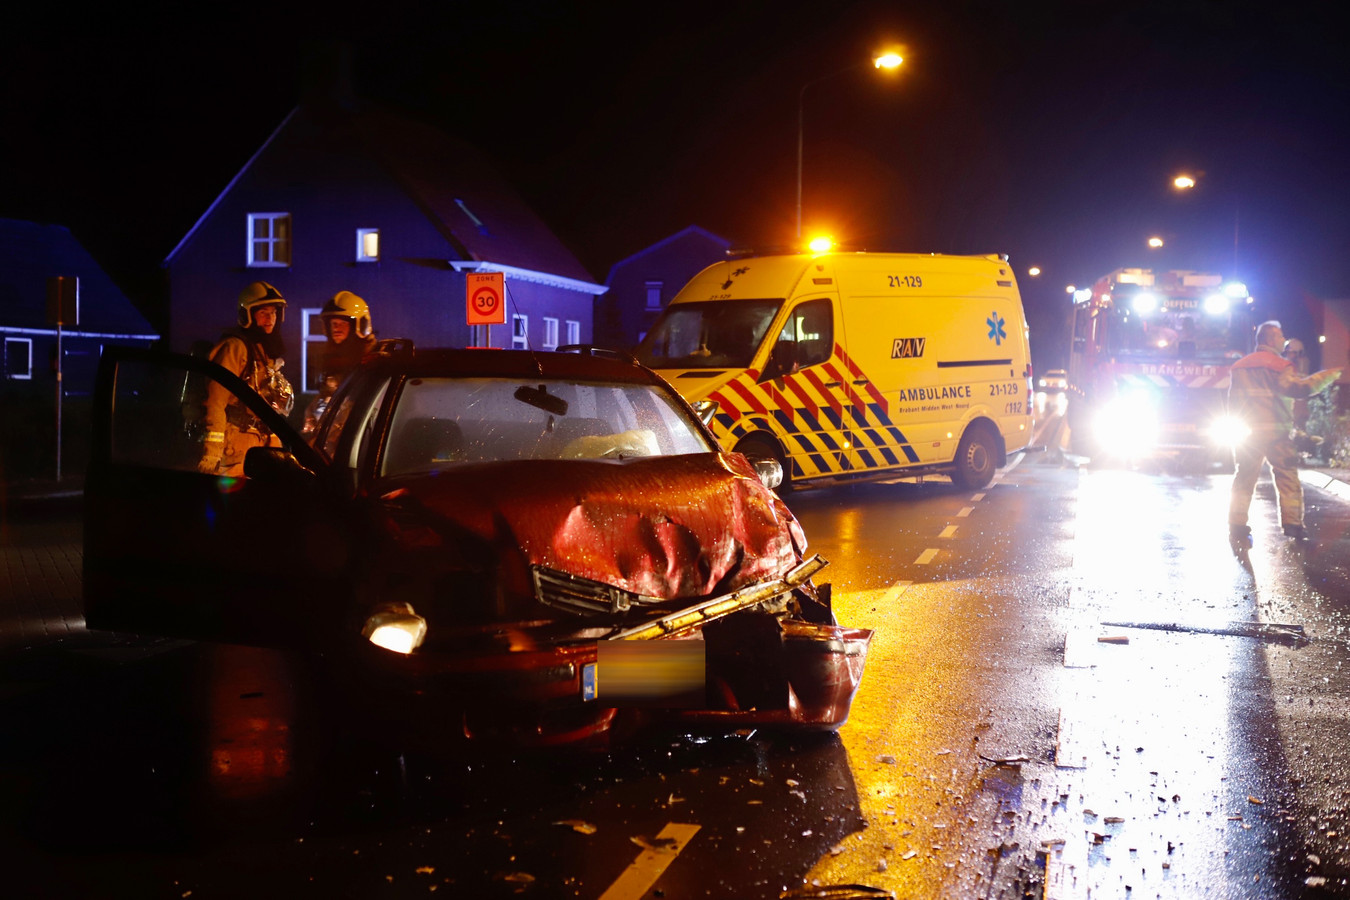 Een van de zwaar beschadigde auto's na het ongeluk in Oeffelt.